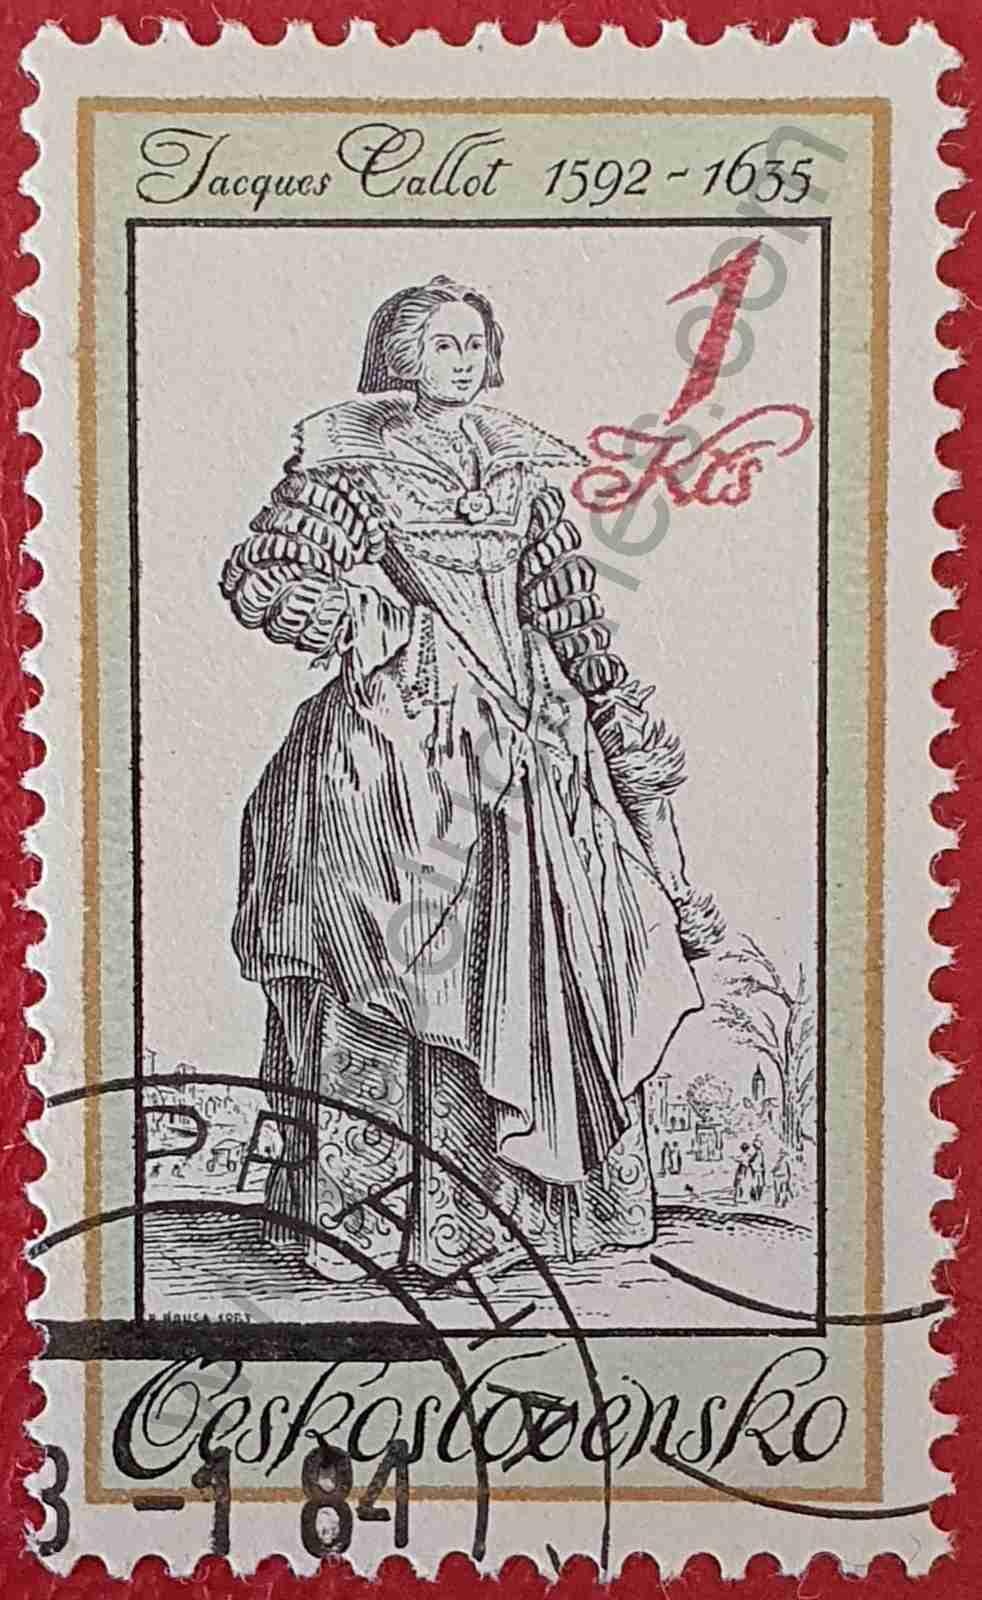 Dama con pañuelo - sello de Checoslovaquia 1983